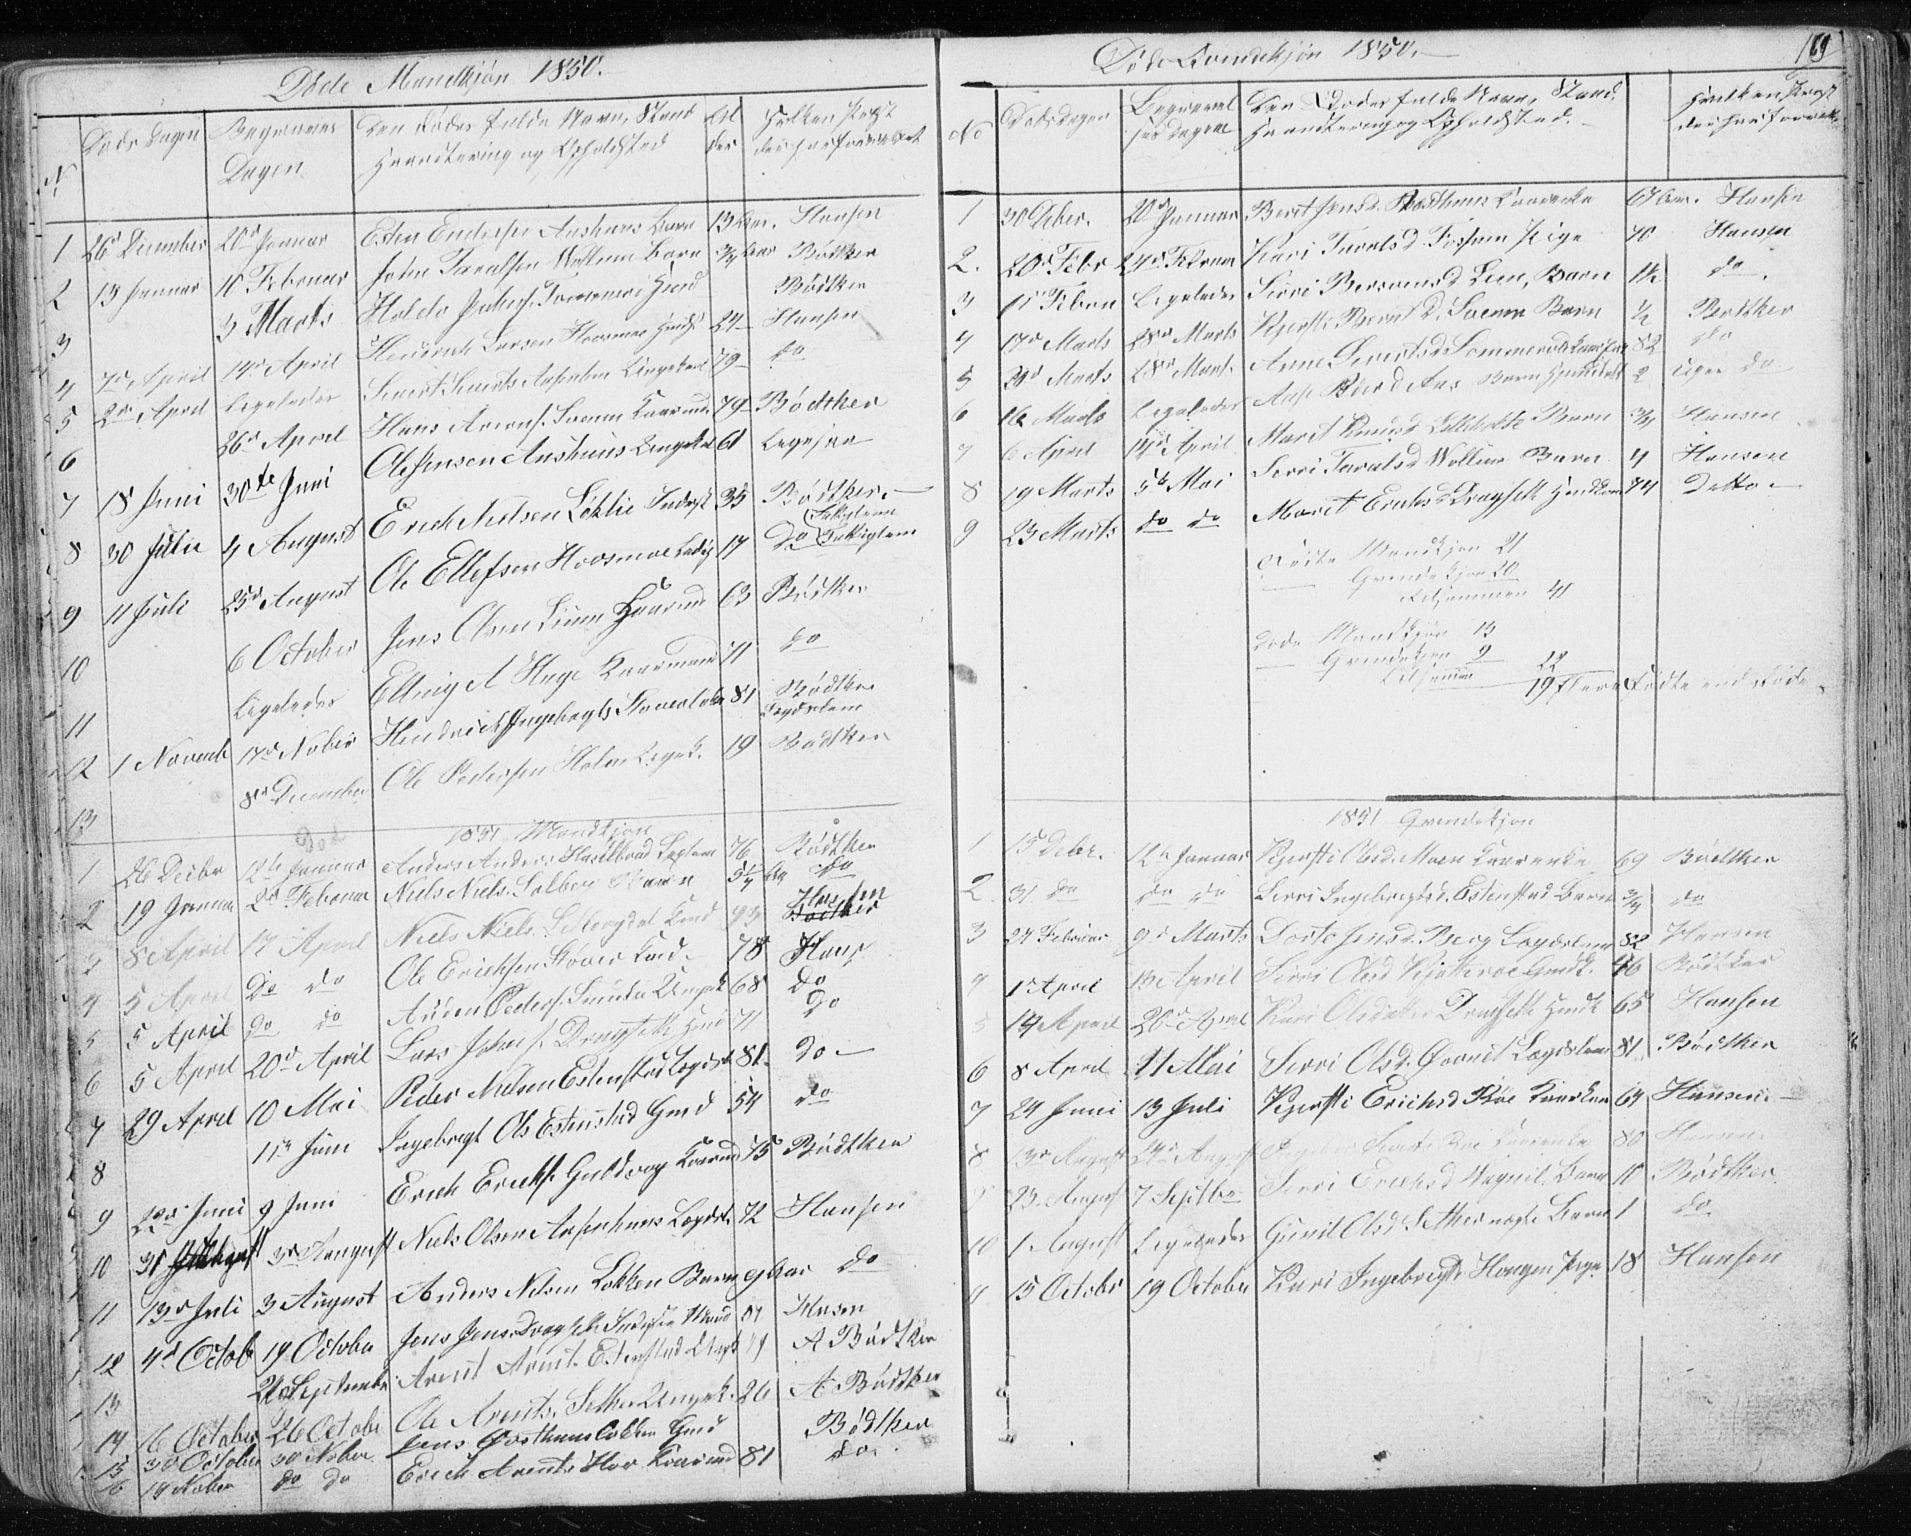 SAT, Ministerialprotokoller, klokkerbøker og fødselsregistre - Sør-Trøndelag, 689/L1043: Klokkerbok nr. 689C02, 1816-1892, s. 169